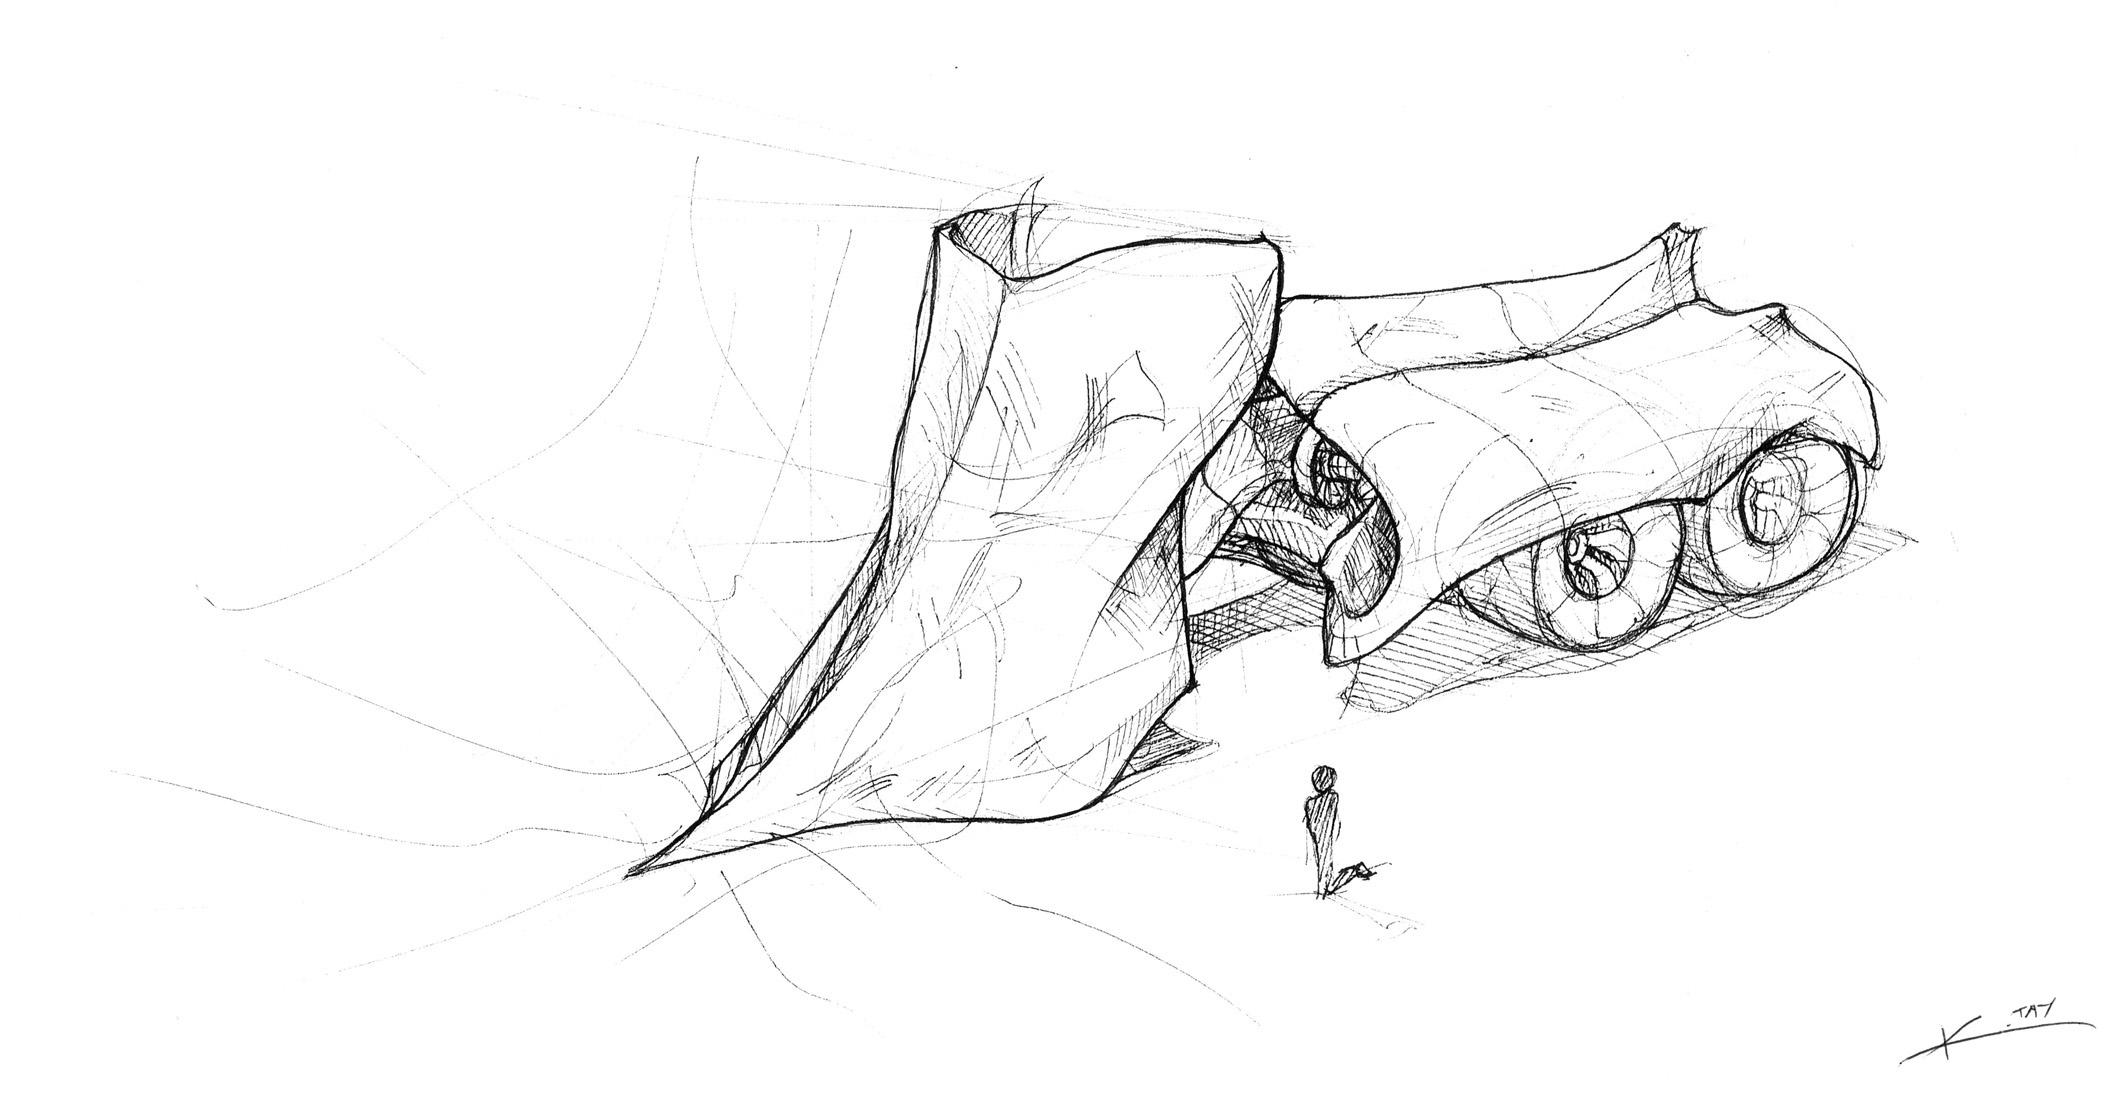 Vis5 Wk9 Sketches 3 web.jpg